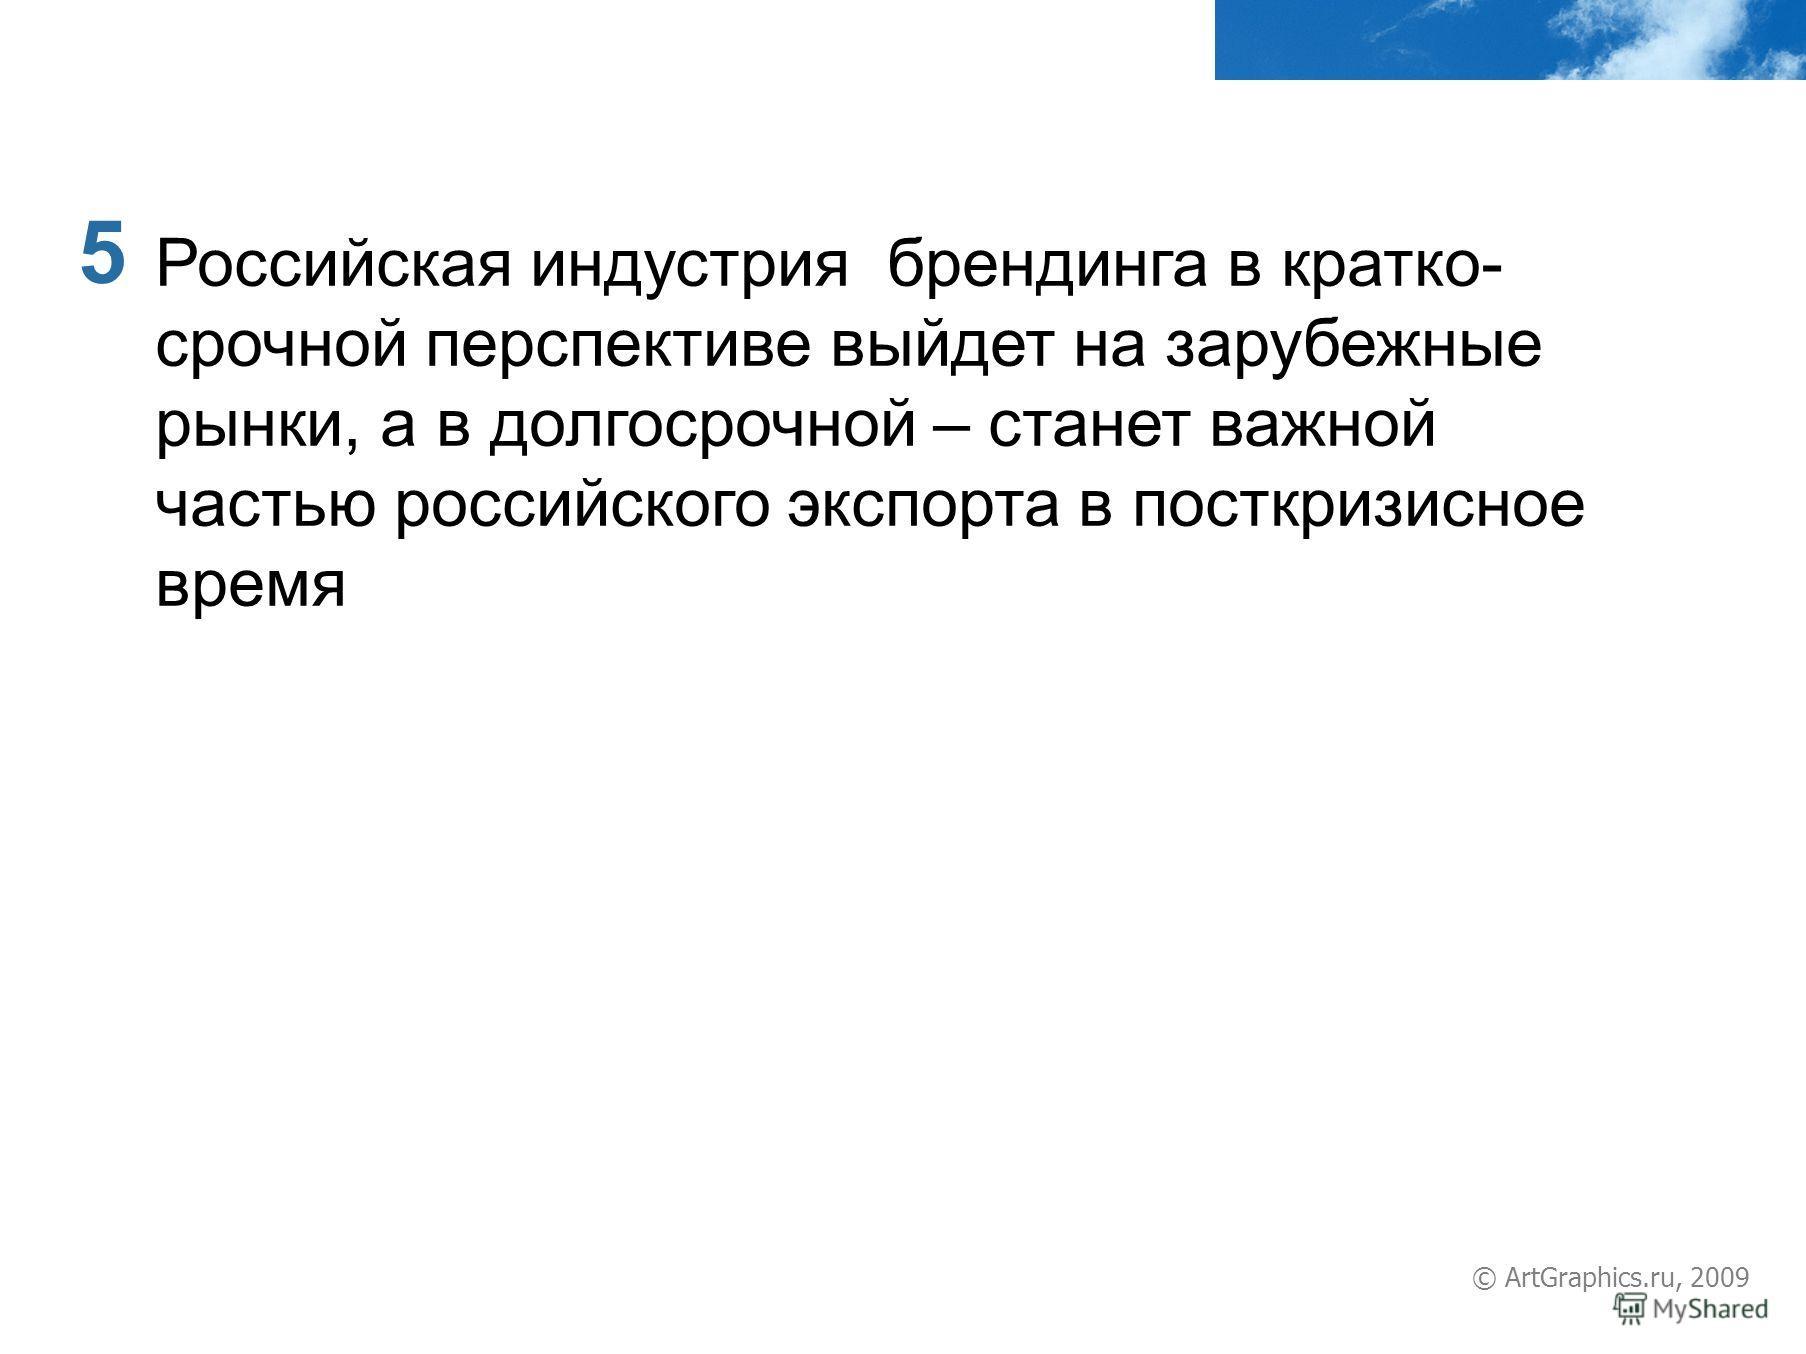 5 © ArtGraphics.ru, 2009 Российская индустрия брендинга в кратко- срочной перспективе выйдет на зарубежные рынки, а в долгосрочной – станет важной частью российского экспорта в посткризисное время